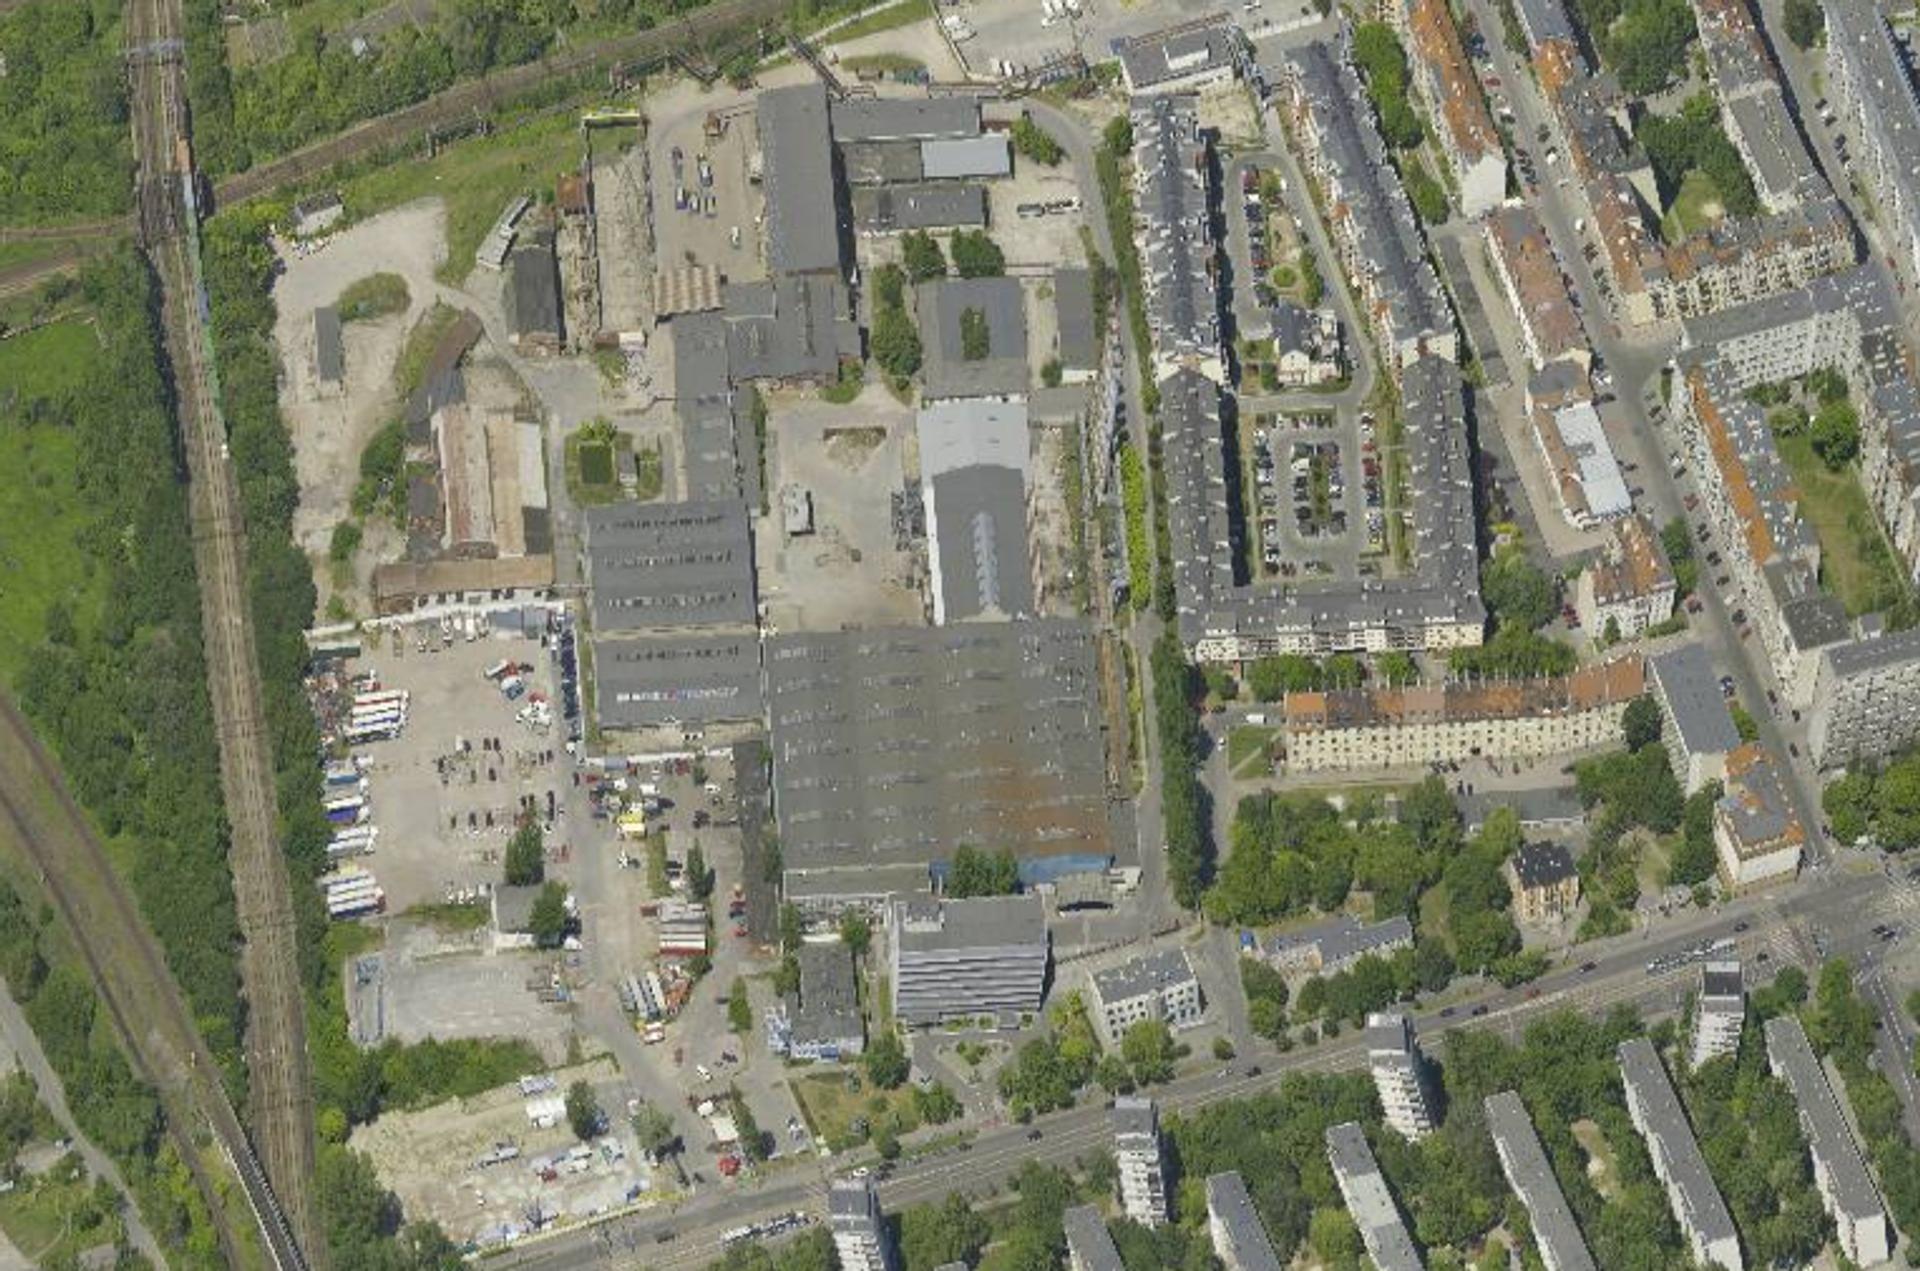 Wrocław: Ruszyło postępowanie w sprawie budowy osiedla w miejscu Fadromy